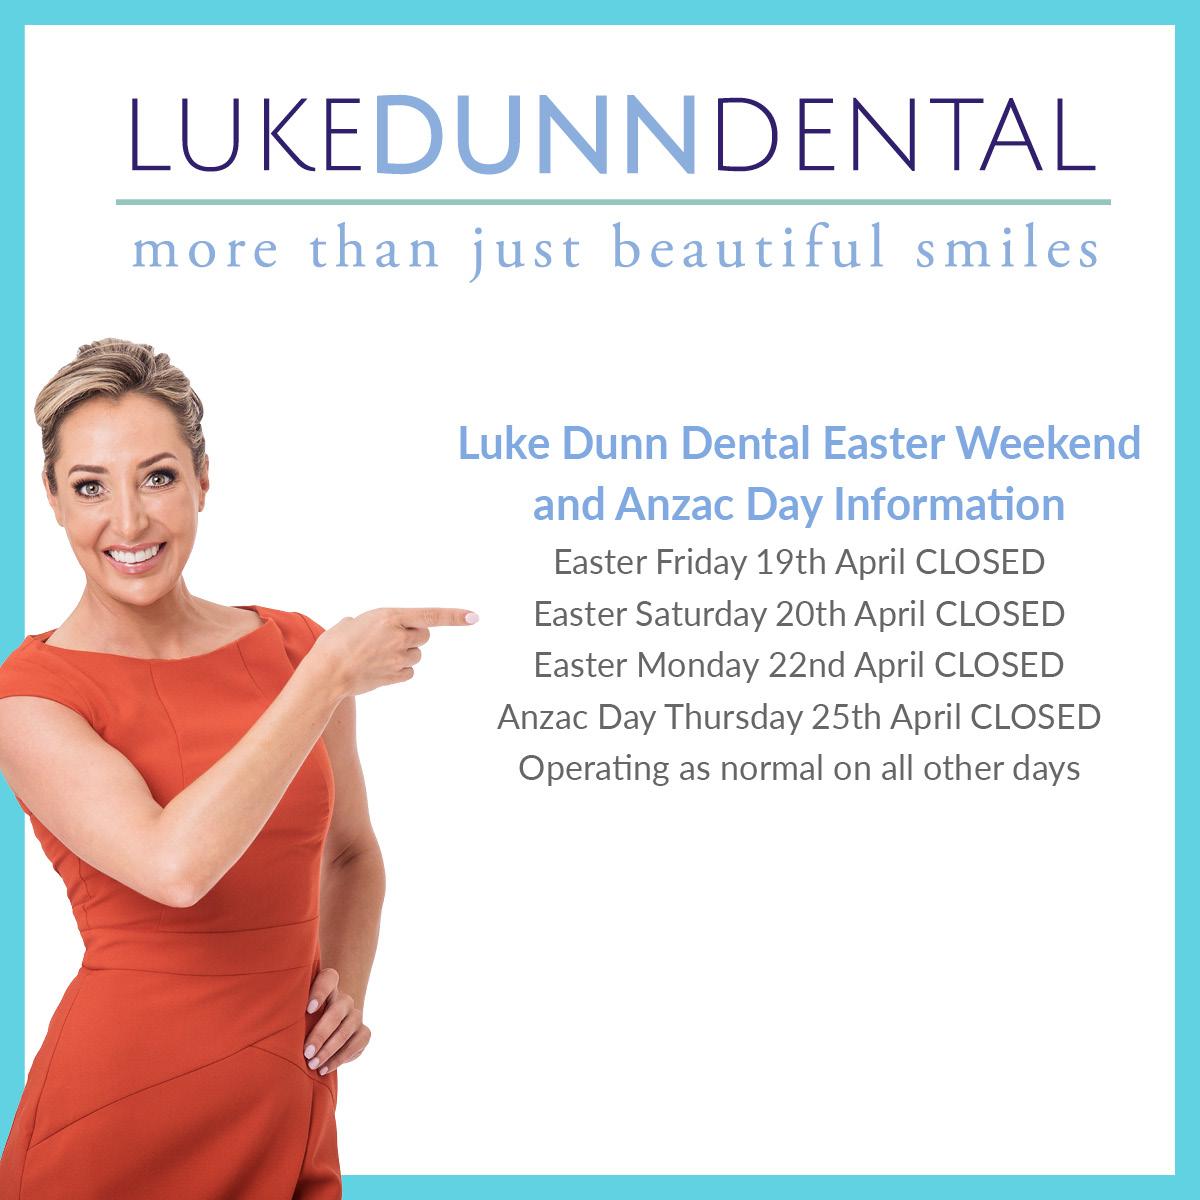 Luke Dunn Dental Easter Opening Hours 2019